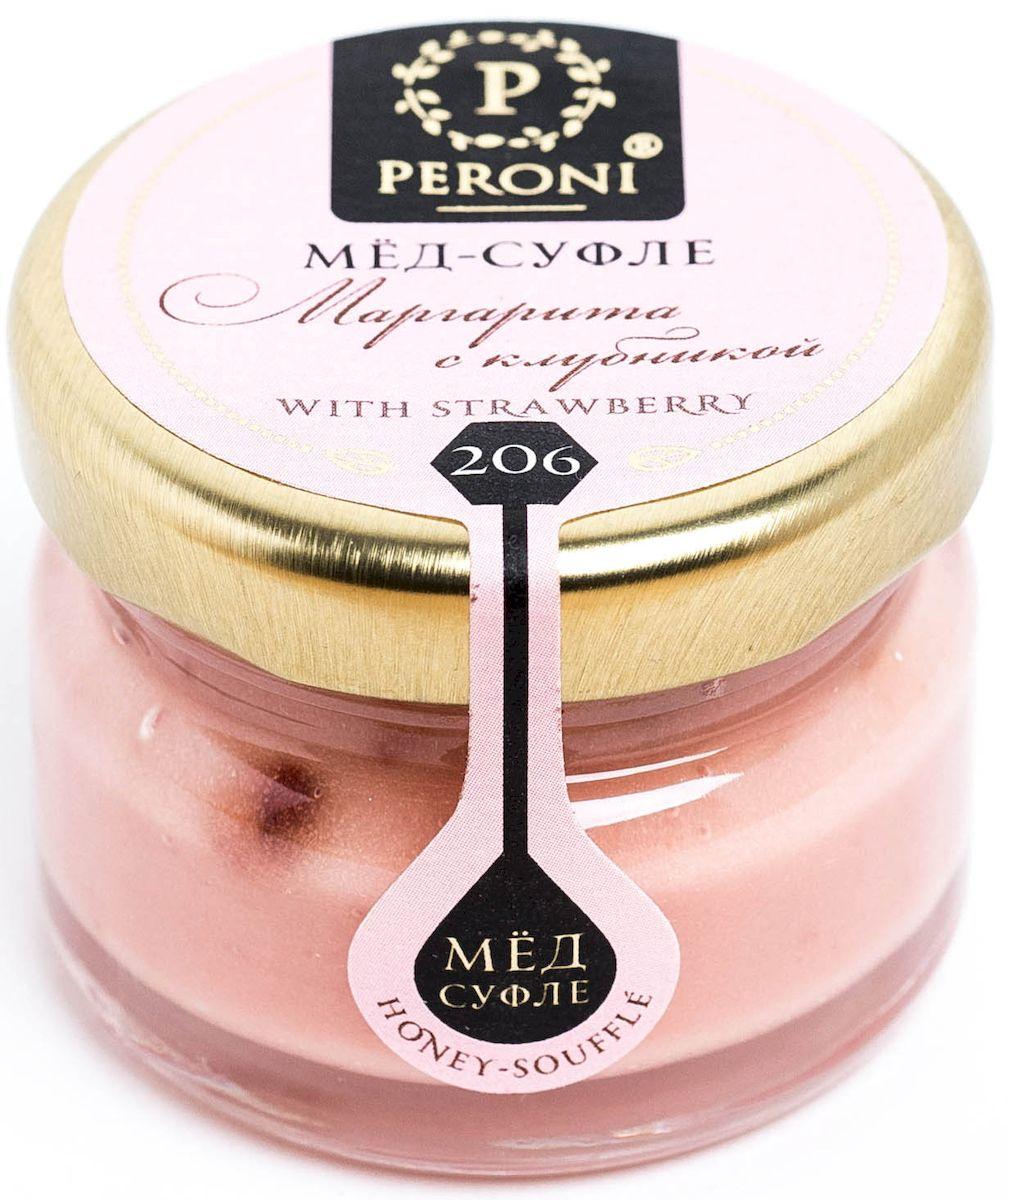 Peroni Маргарита с клубникой мёд-суфле, 30 г0120710Нежный сливочно-розоватый мёд-суфле Peroni с восхитительным ароматом лета. Клубника - королева десертов, любимица всех взрослых и детей. Вкус напоминает нежное клубничное мороженое или земляничный мусс.Для получения меда-суфле используются специальные технологии. Мёд долго вымешивается при определенной скорости, после чего его выдерживают при температуре 12-14 градусов по Цельсию, тем самым закрепляя его нужную консистенцию. Все полезные свойства меда при этом сохраняются.Клубника — по содержанию витамина С уступает только черной смородине и во много раз превосходит апельсин. Мед с клубникой прекрасно укрепляет организм, и радует душу.